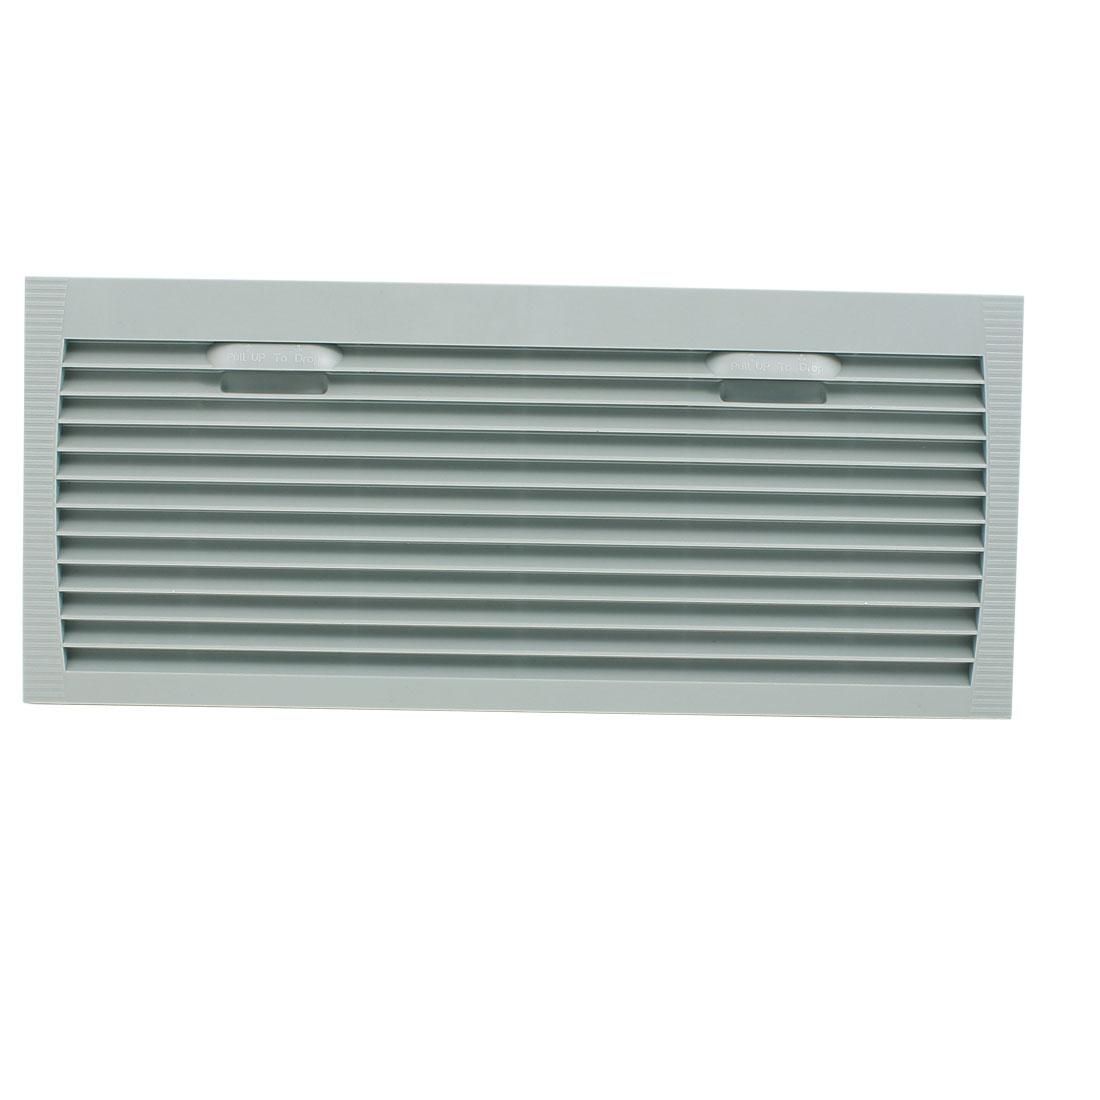 420mm x 180mm Gray Plastic Cabinet Washable Axial Flow Fan Foam Dust Filter